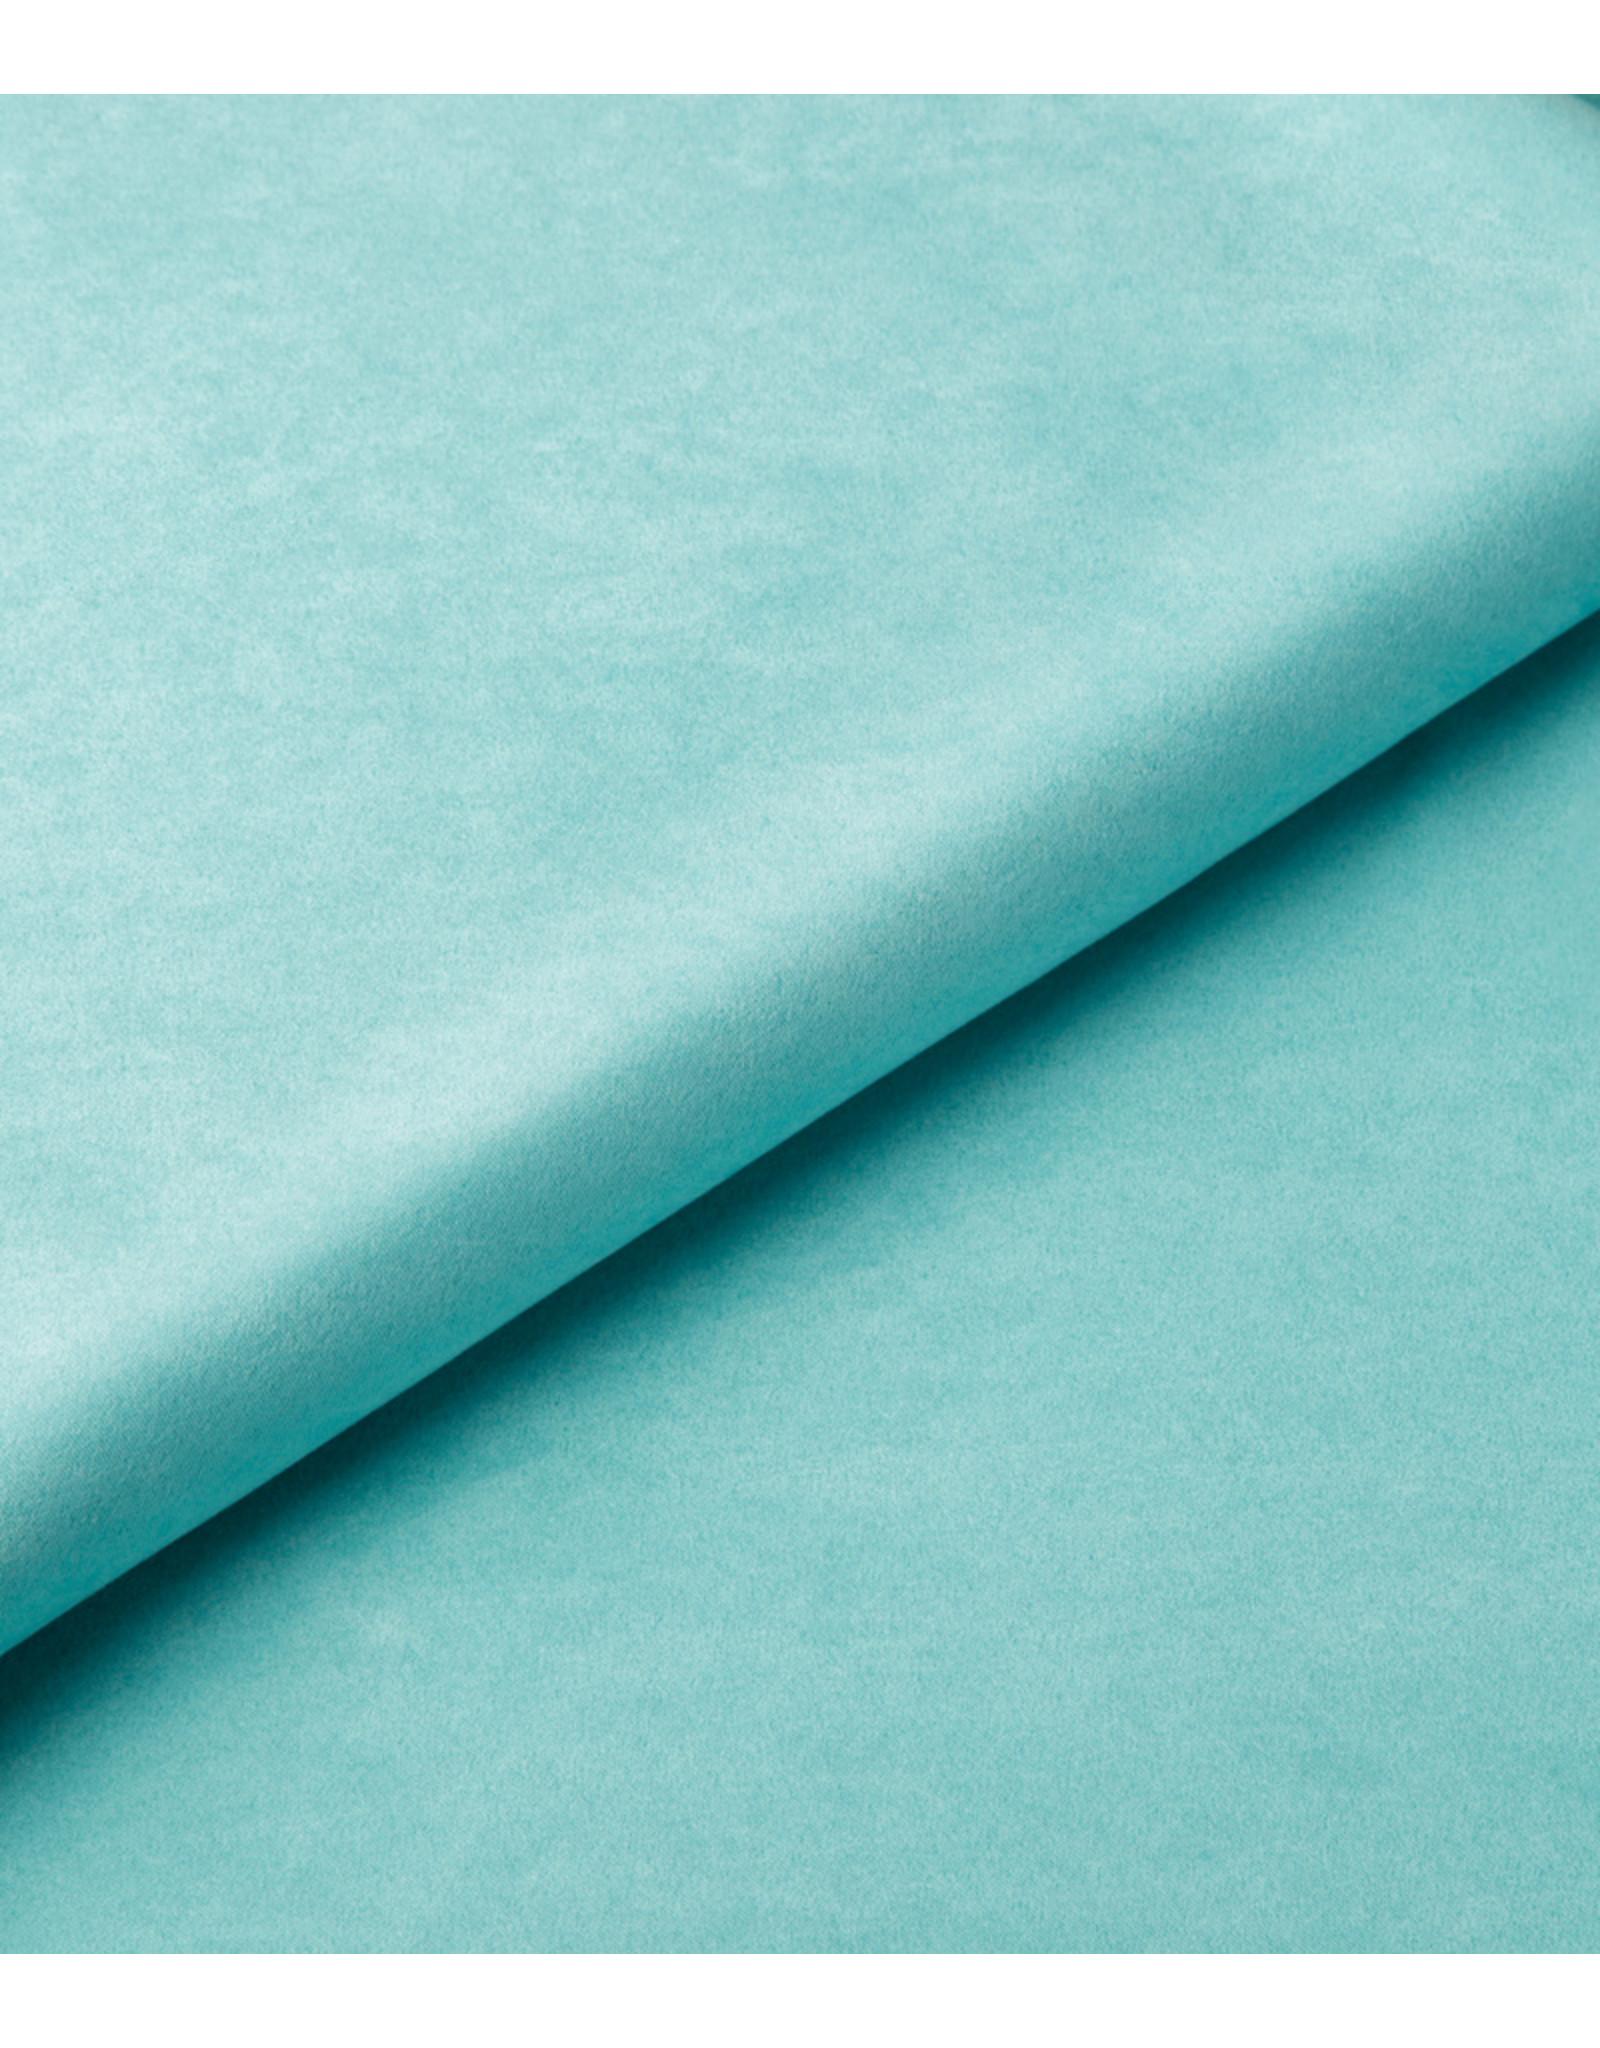 INVITALIS Vitalymed Soft - Turquoise